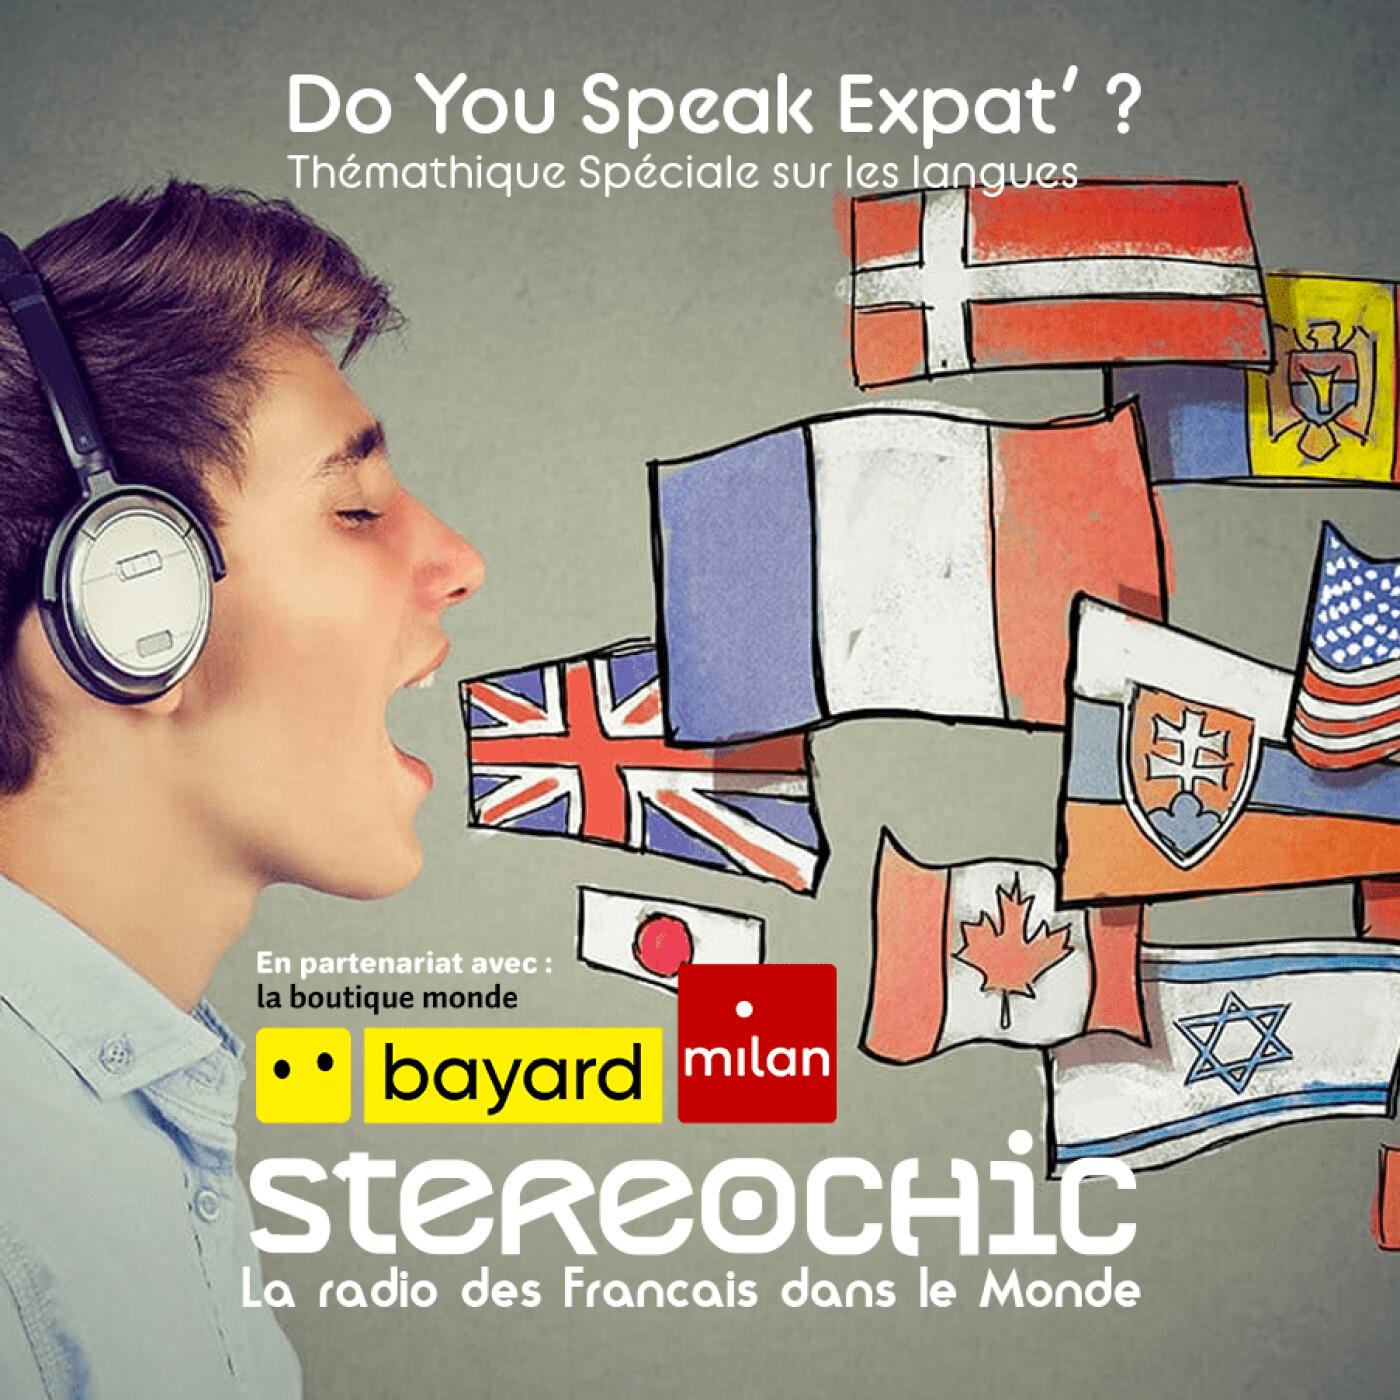 """Le mois spécial """"Do you speak Expat ?"""" sur StereoChic Radio-Expat"""